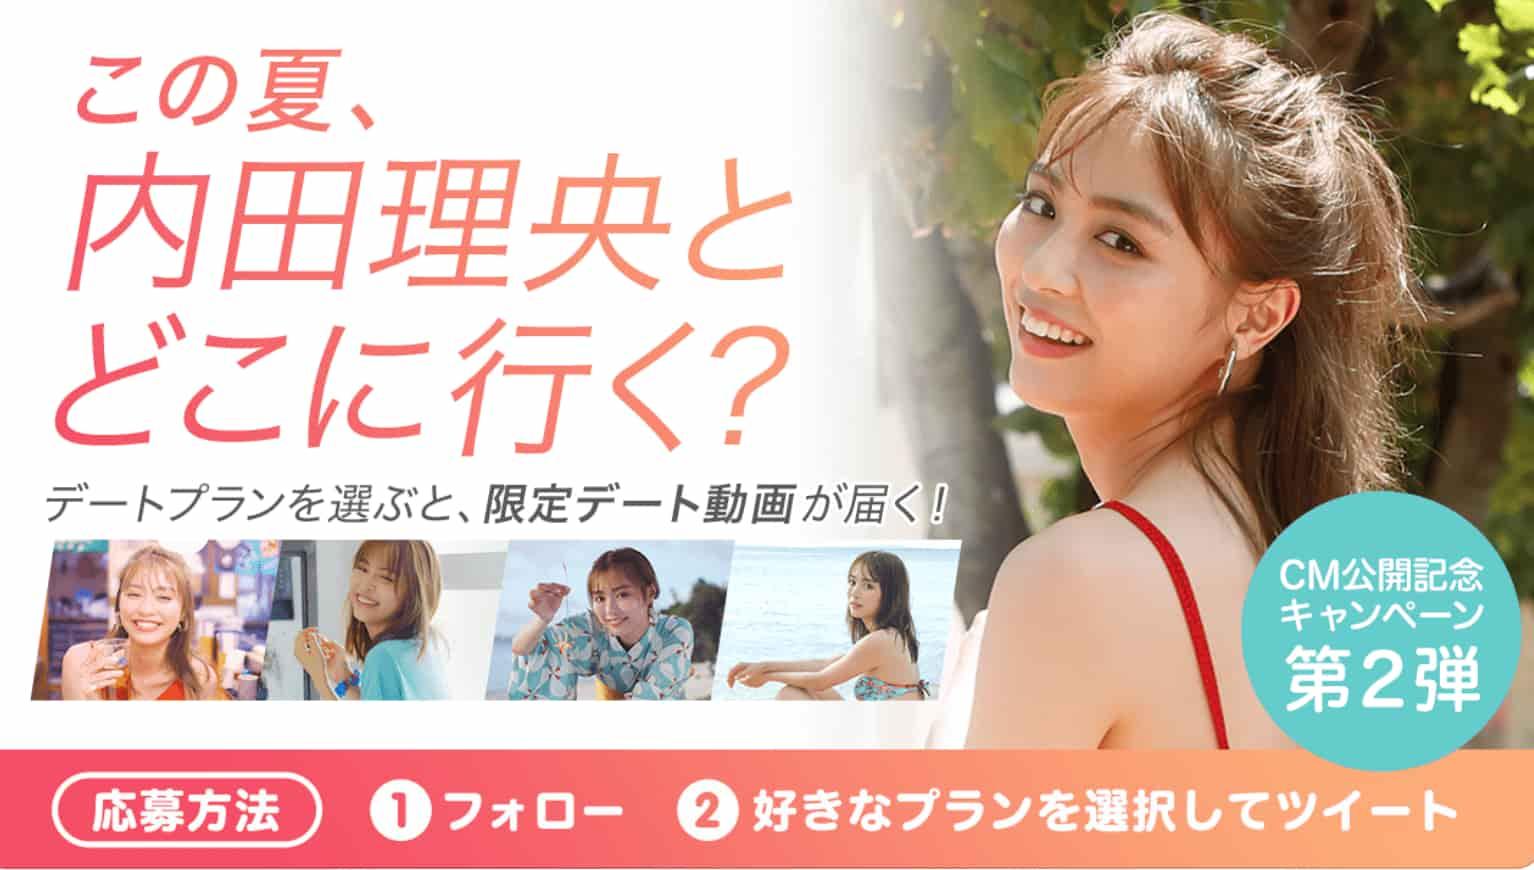 タップルと内田理央のコラボキャンペーン画像